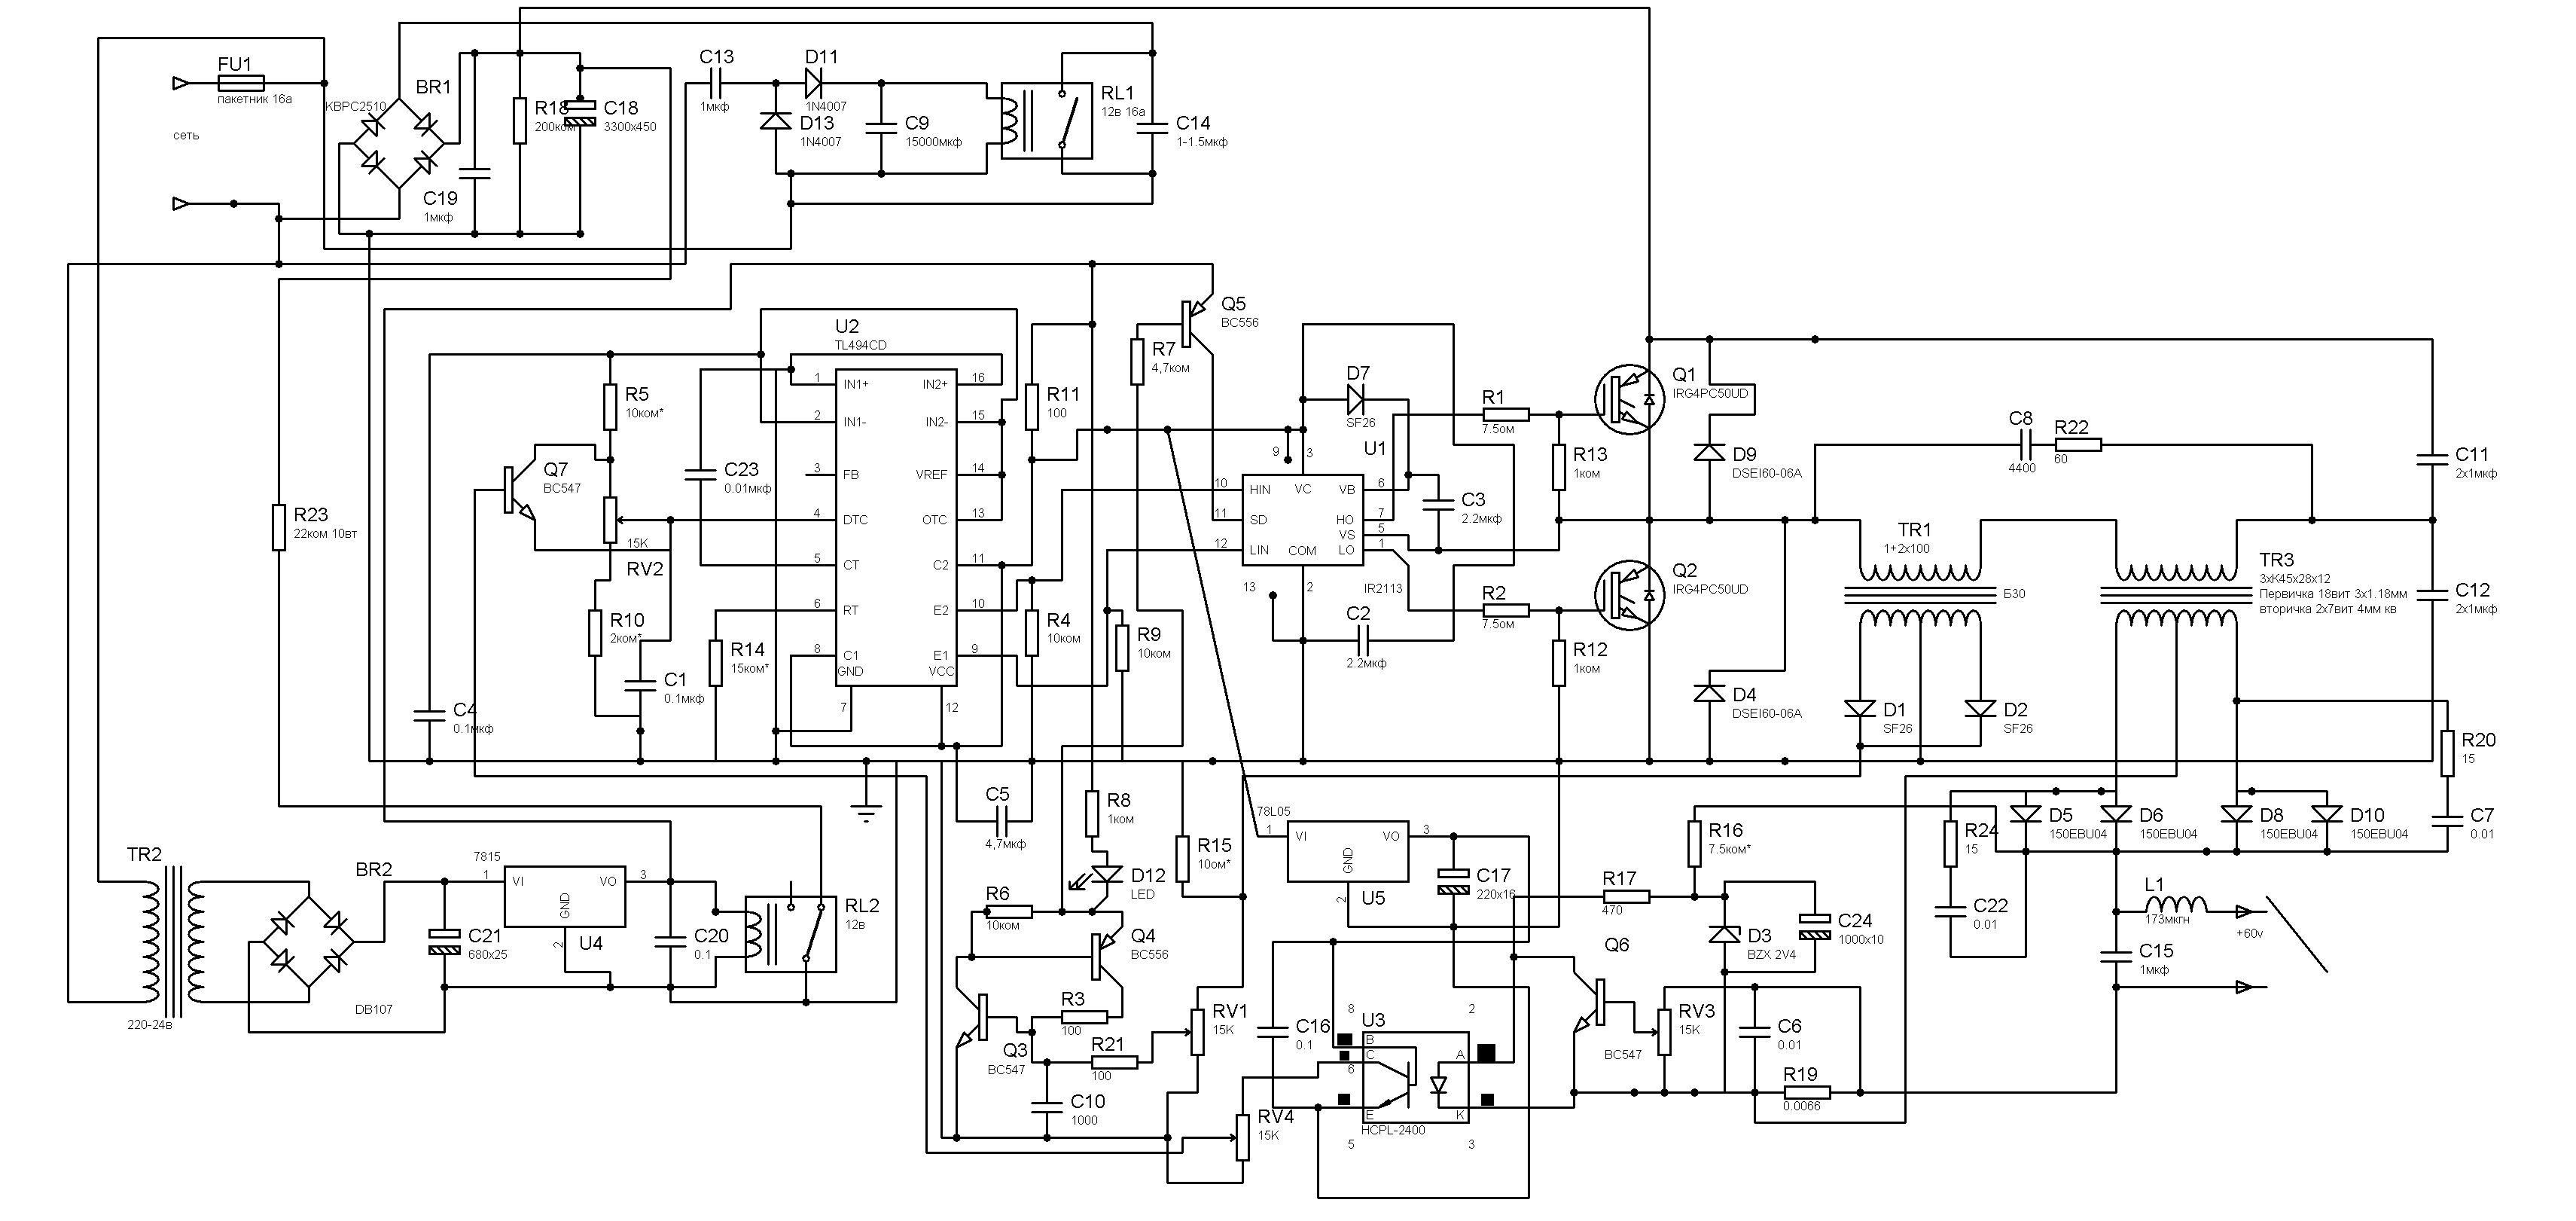 Сварочный инвертор своими руками: схема сборки и описание